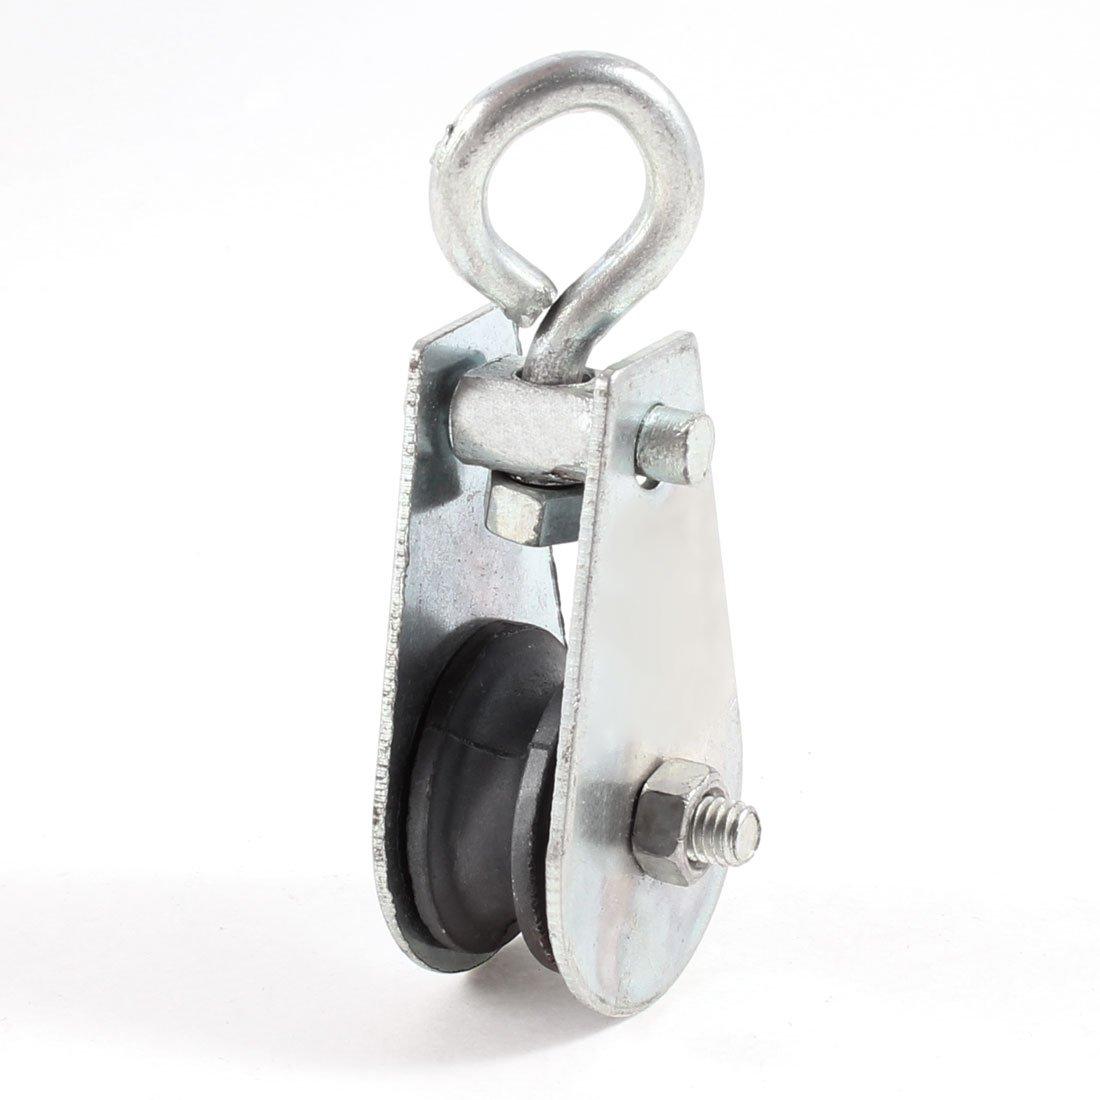 6mm Width 25mm Diameter Single Sheave Swivel Eye Rope Pulley 0.03 Ton Sourcingmap a13070400ux0013